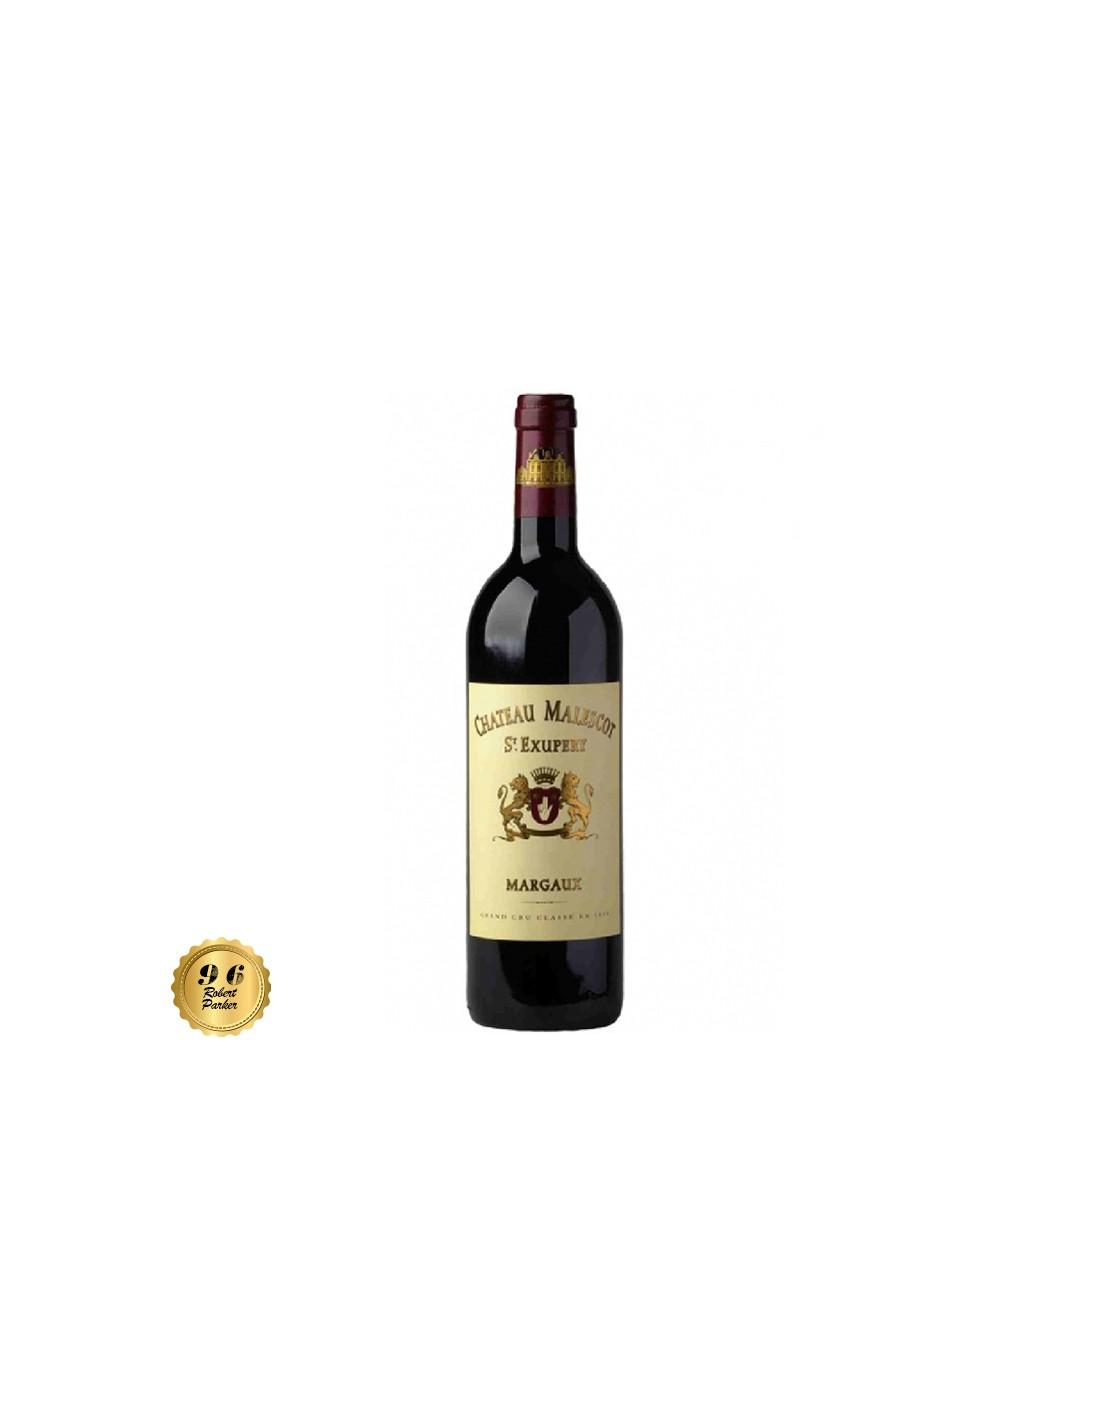 Vin rosu, Cupaj, Margaux, 0.75L, 12.8% alc., Franta